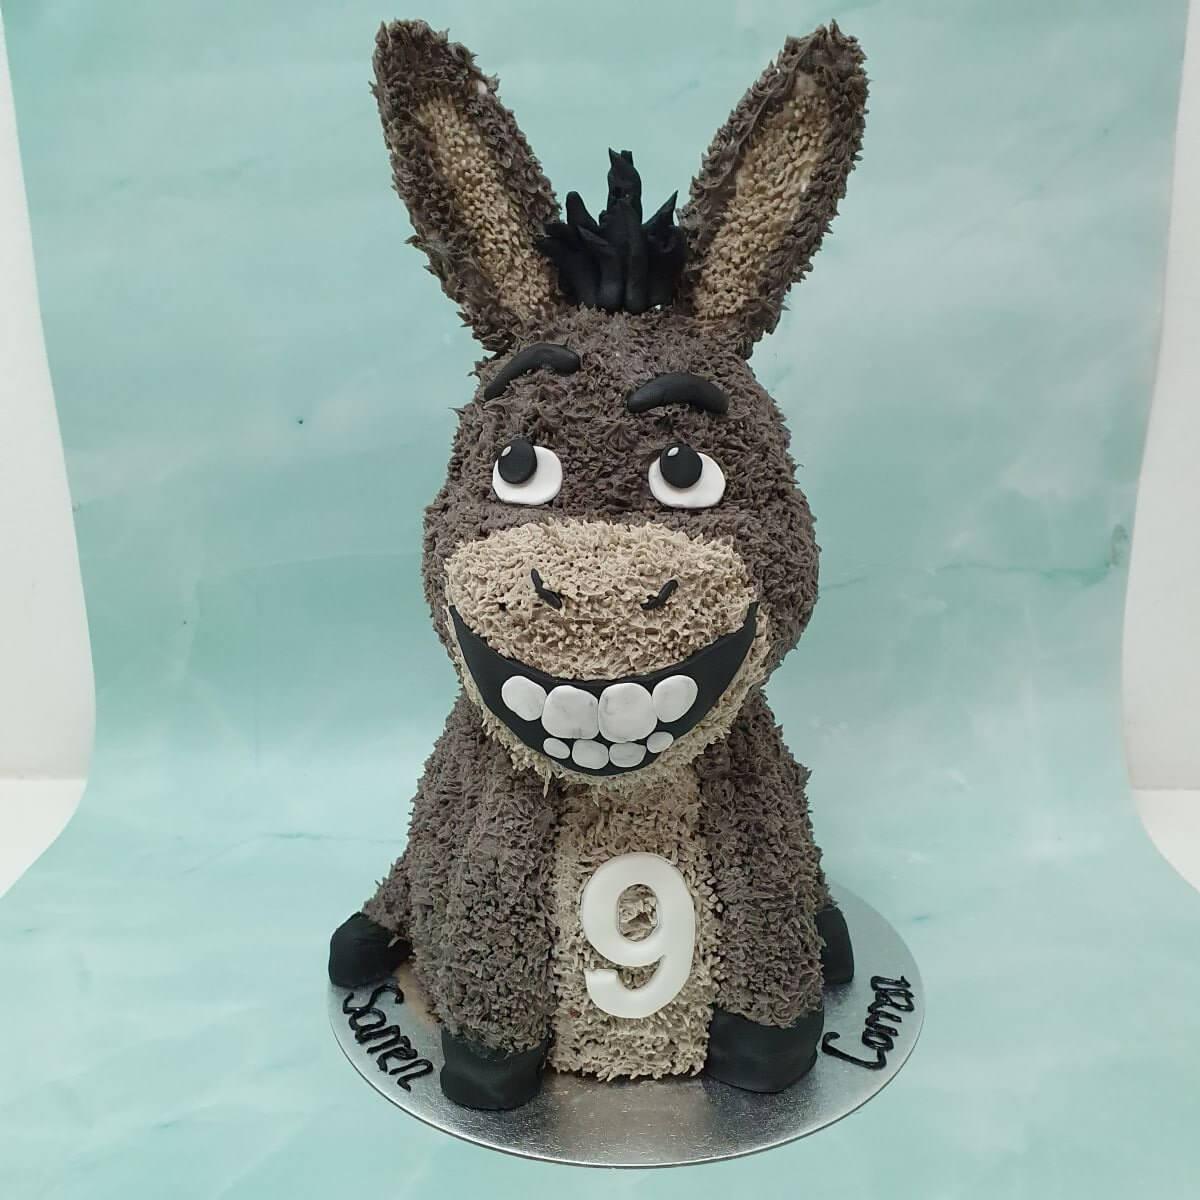 Shrek Donkey 3D Shaped Children's Birthday Cake Delivered Milton Keynes